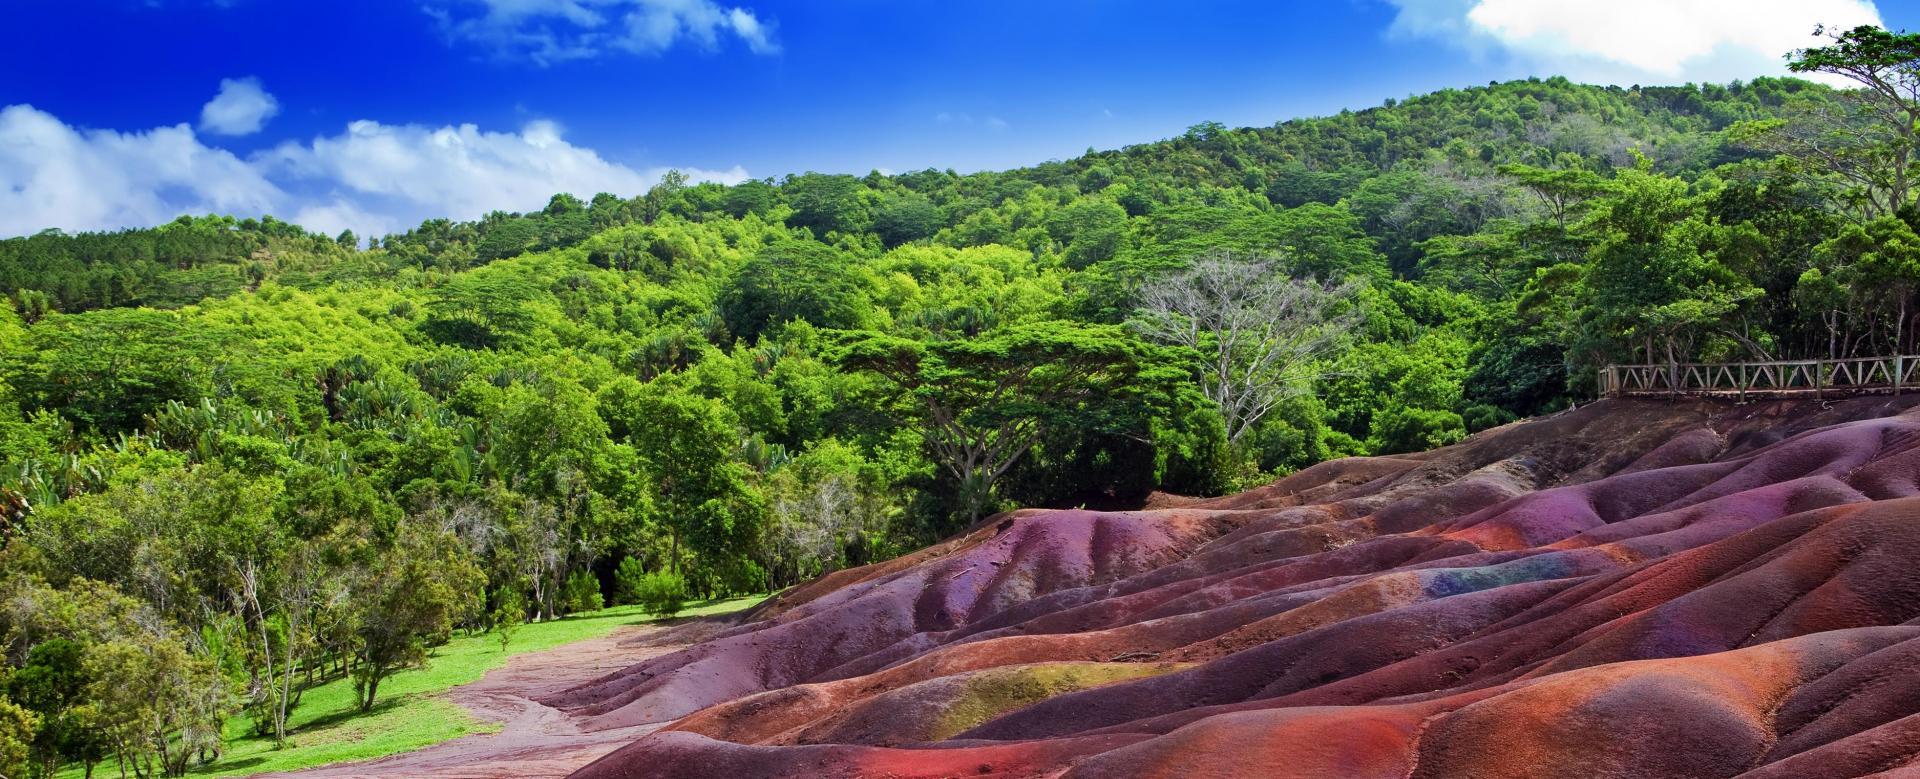 Voyage en véhicule : Maurice, trésor des îles vanille